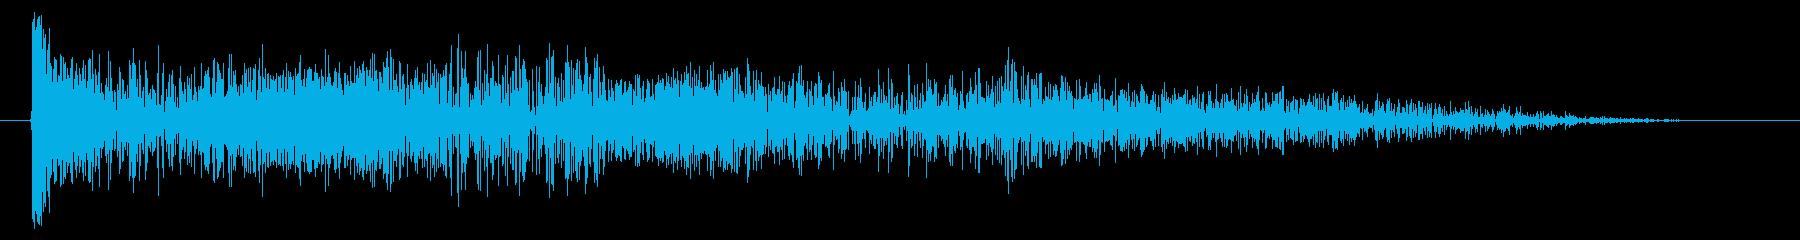 造粒電子伝送8ビット調整サウンドの再生済みの波形